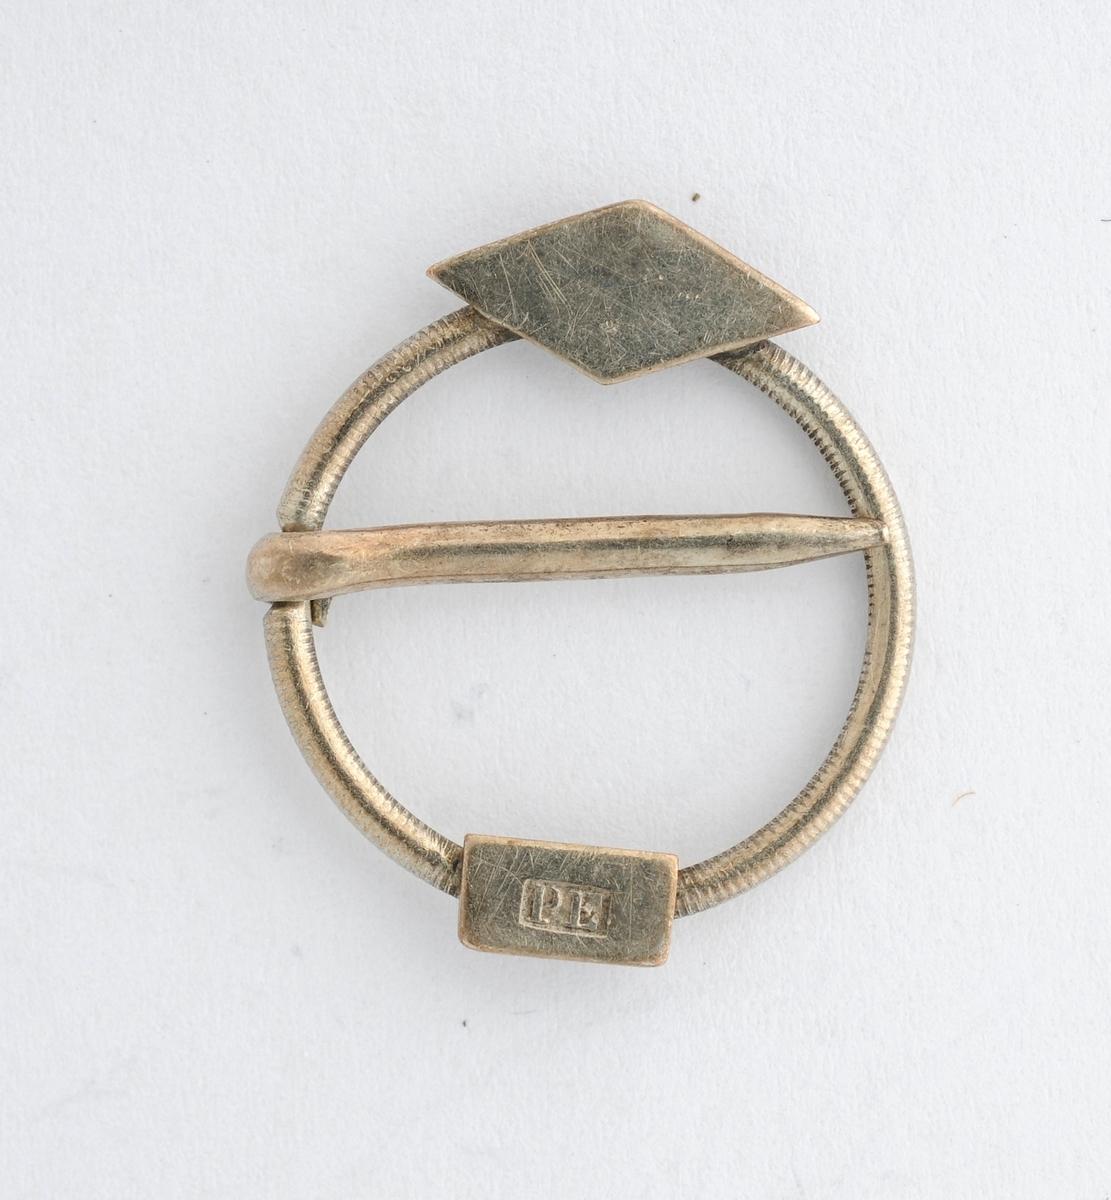 Barnesølje, sprette i sølv. Støypt ring, pålodda ei rombe liknande plate, og ei rektangulær plate med stempel P E på framsida.Laus tann.